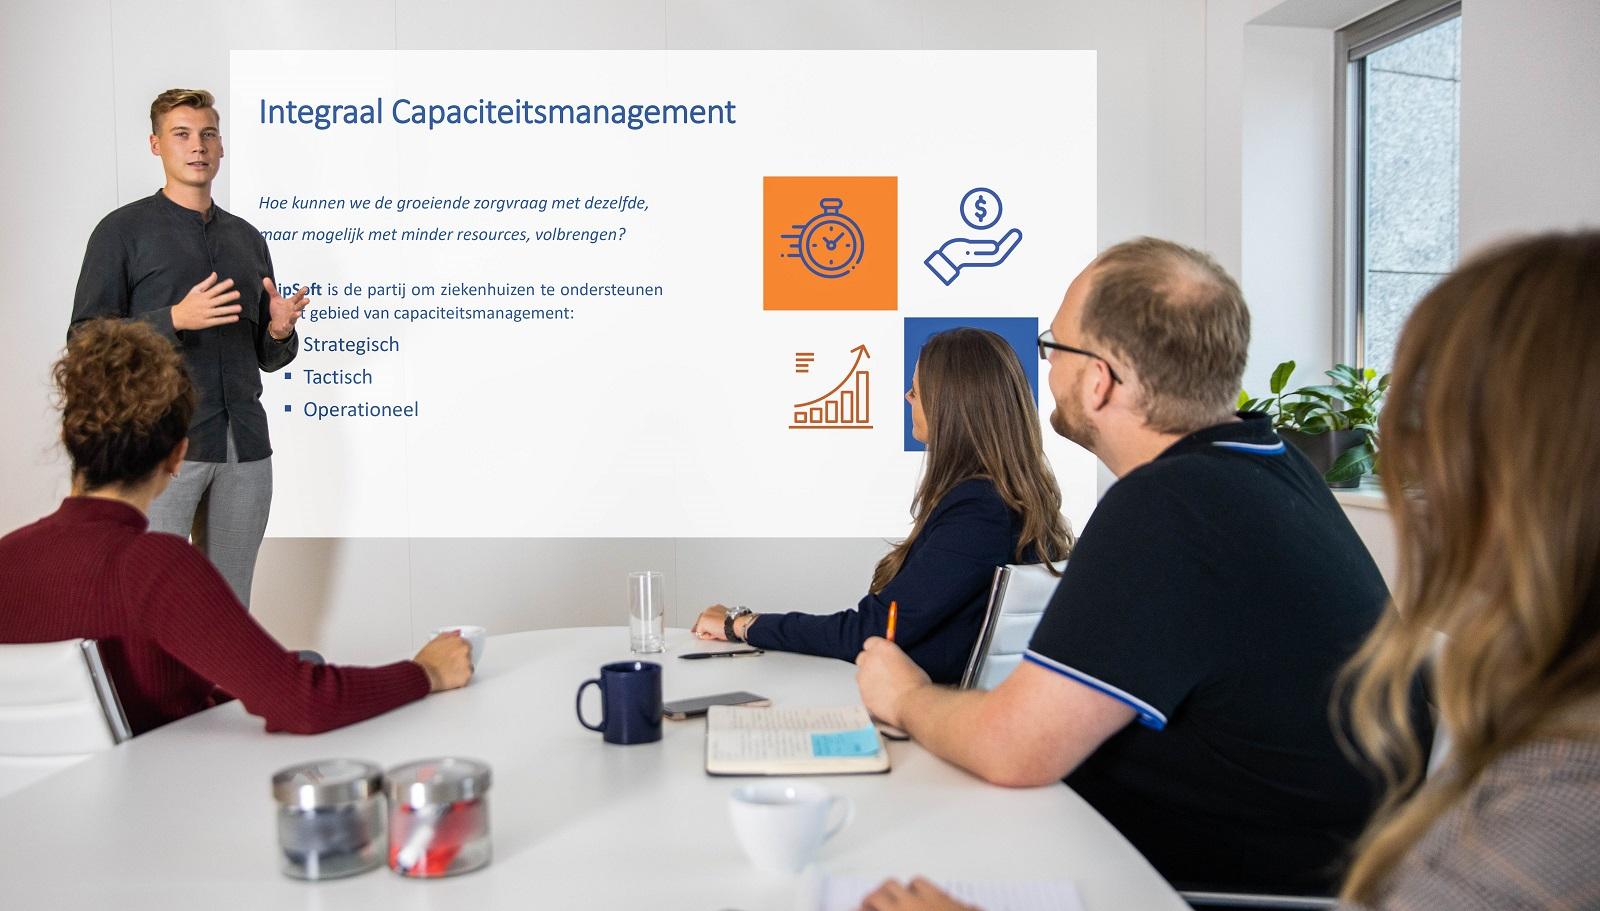 Foto van Wouter Veneklaas, consultant bij ChipSoft in Team Capaciteitsmanagement die  onderzoek doeedd naar de opnamelounge_hix